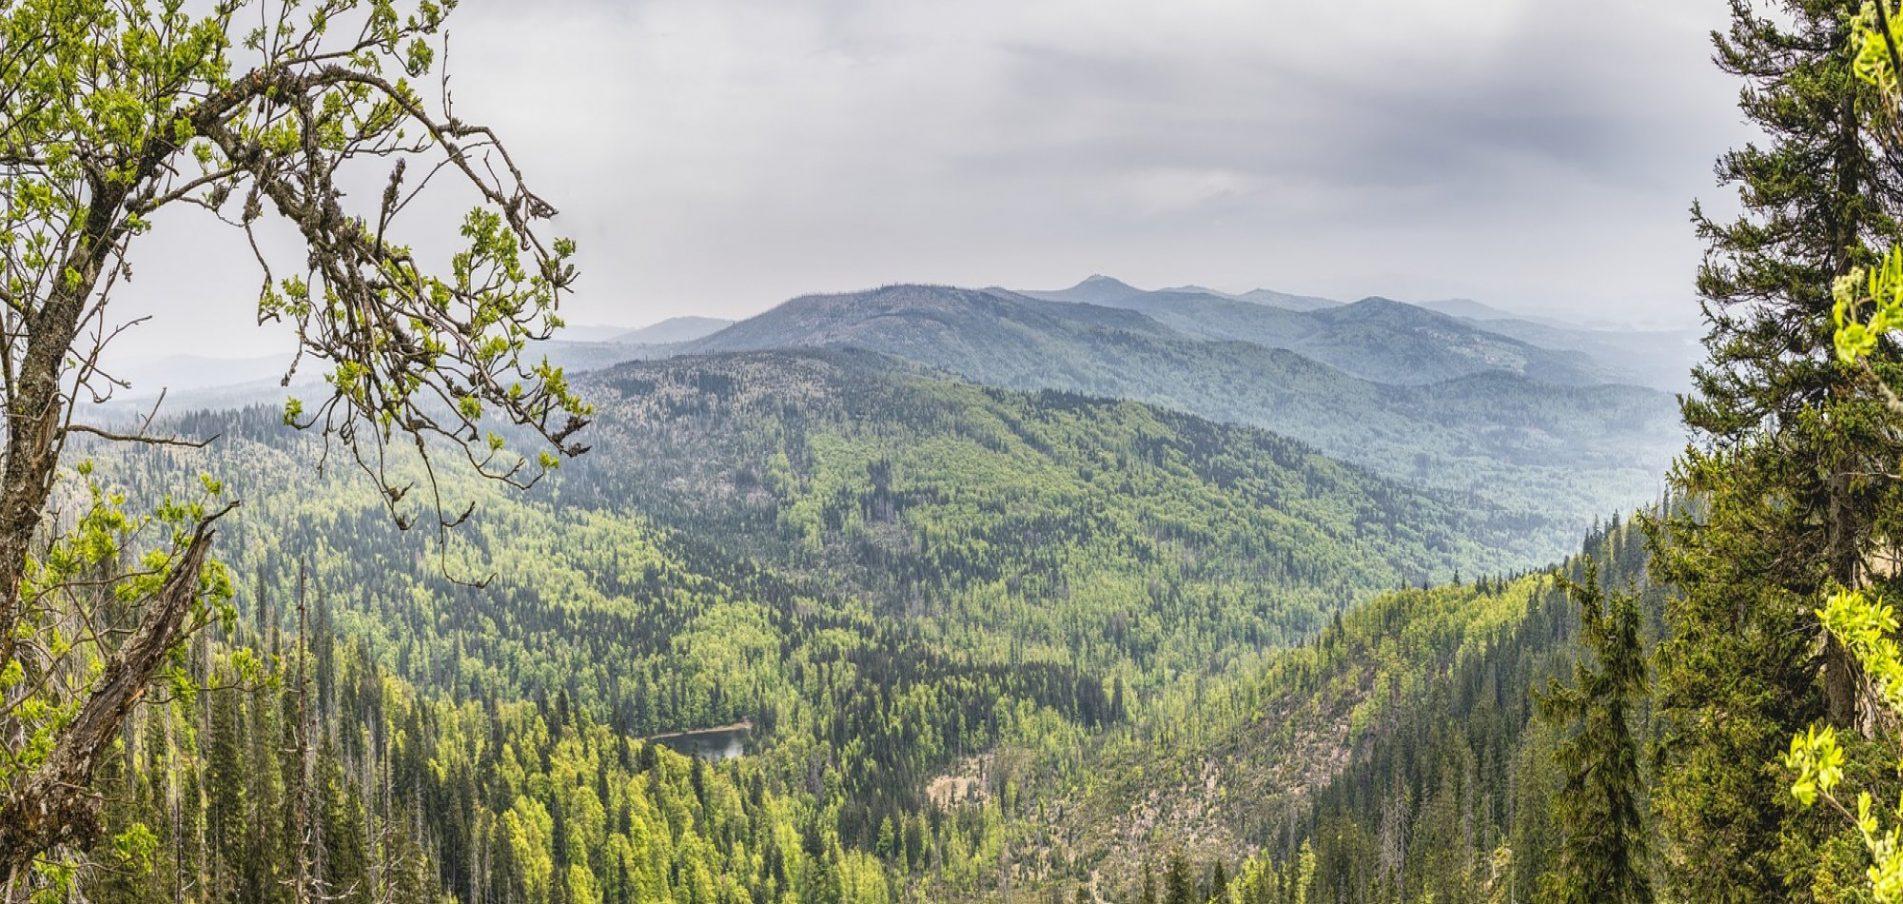 Willkommen im Bayerischen Wald ... der erste und älteste Nationalpark!